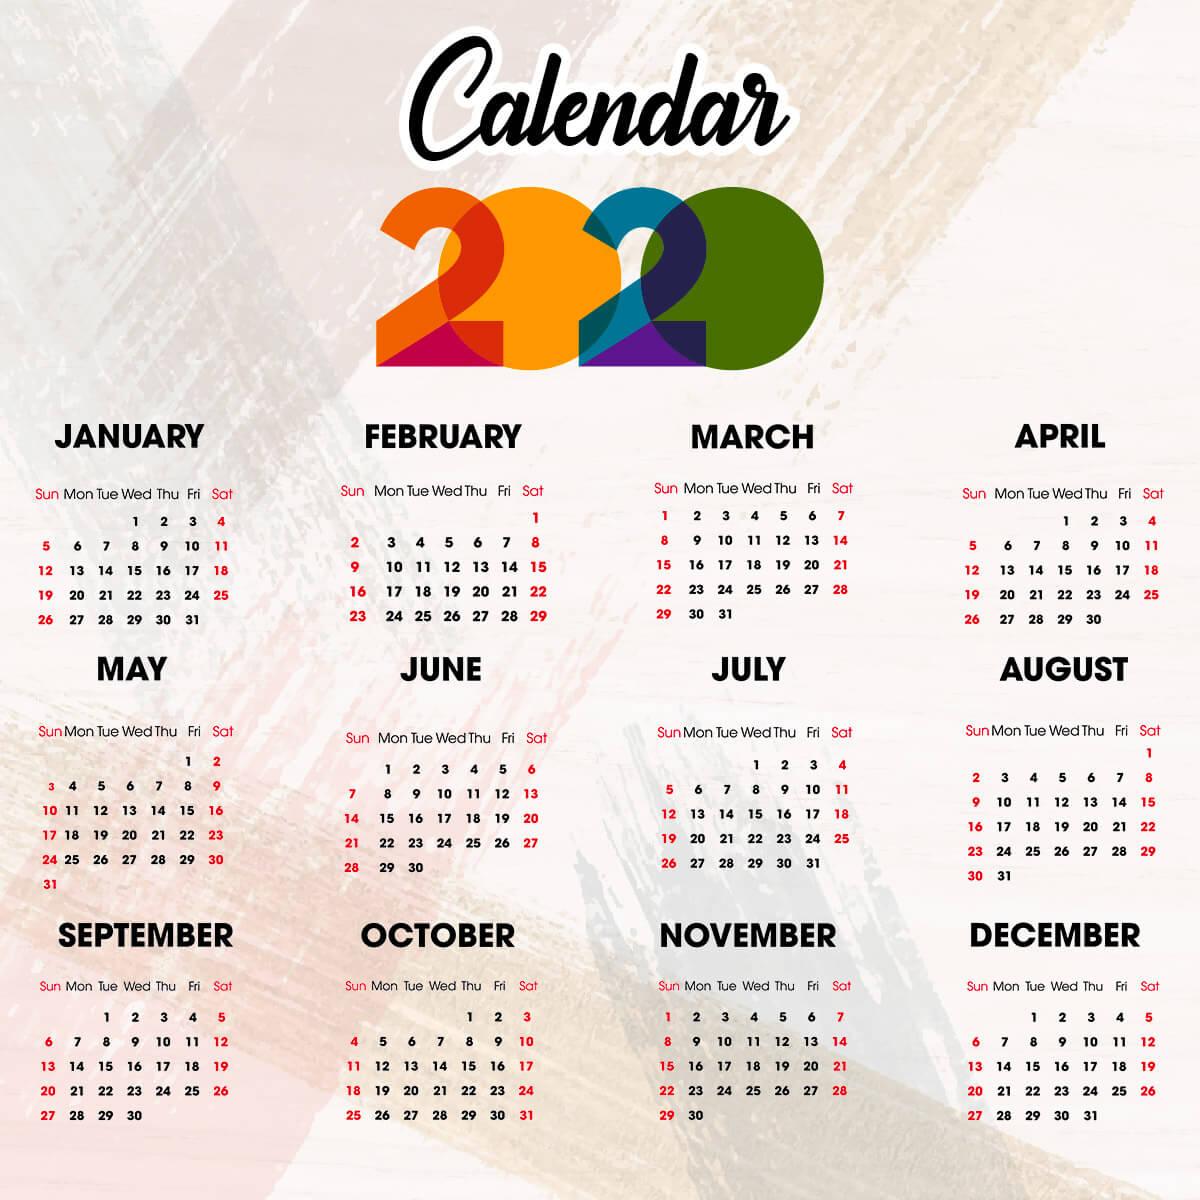 Calendarul Zilelor Libere In 2020 | Ziarul Profit intended for Calendar 2020 Zile Lucratoare